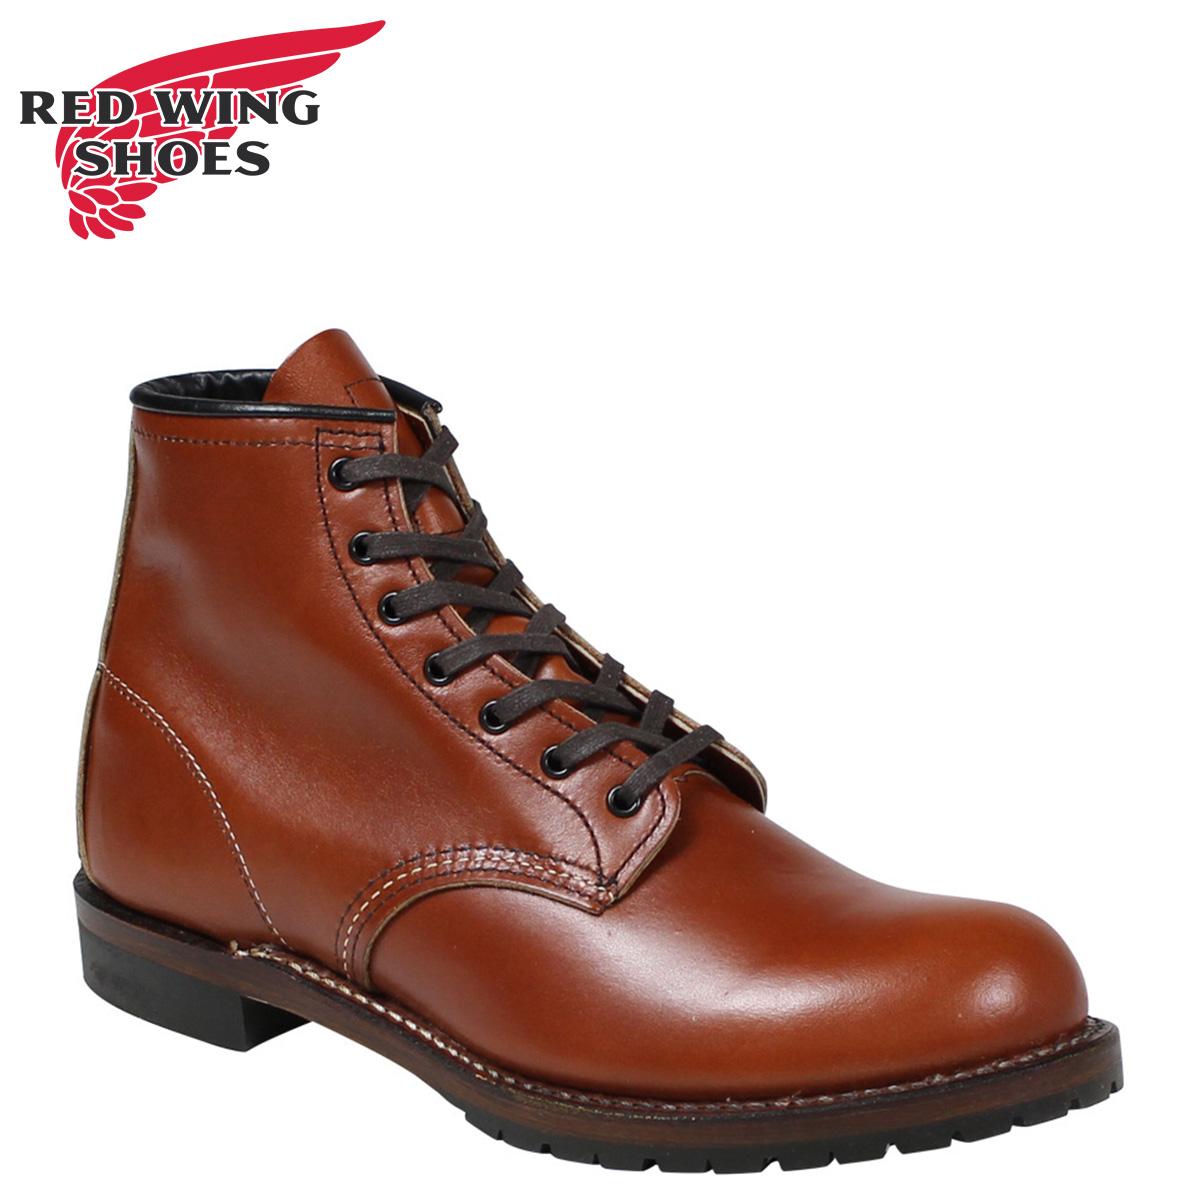 レッドウィング RED WING ベックマン ブーツ BECKMAN ROUND ラウンドトゥ Dワイズ 9022 メンズ